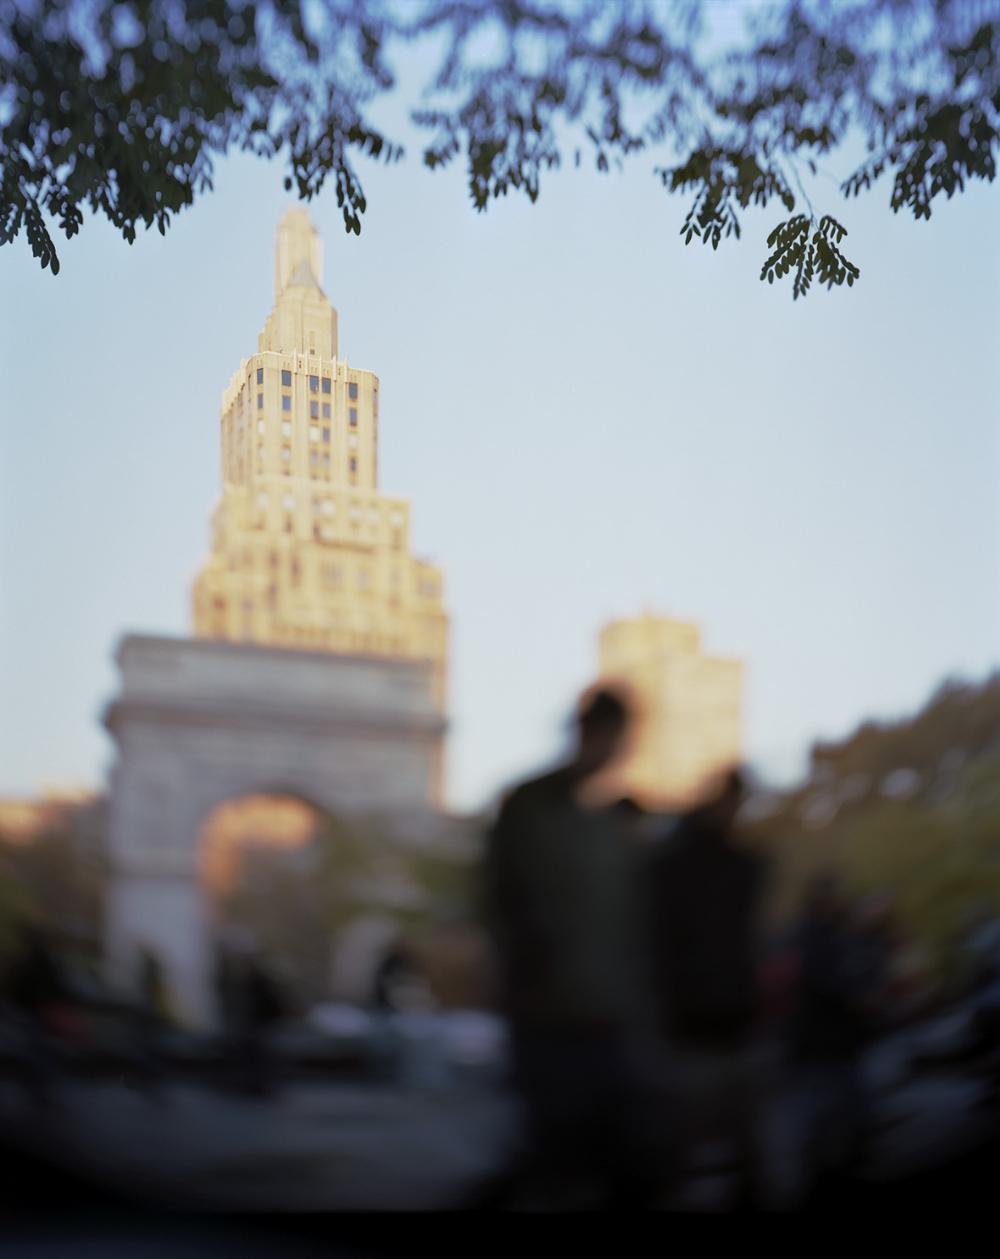 Kari Soinio: City of Ghosts, Washington Square Park, 2010.